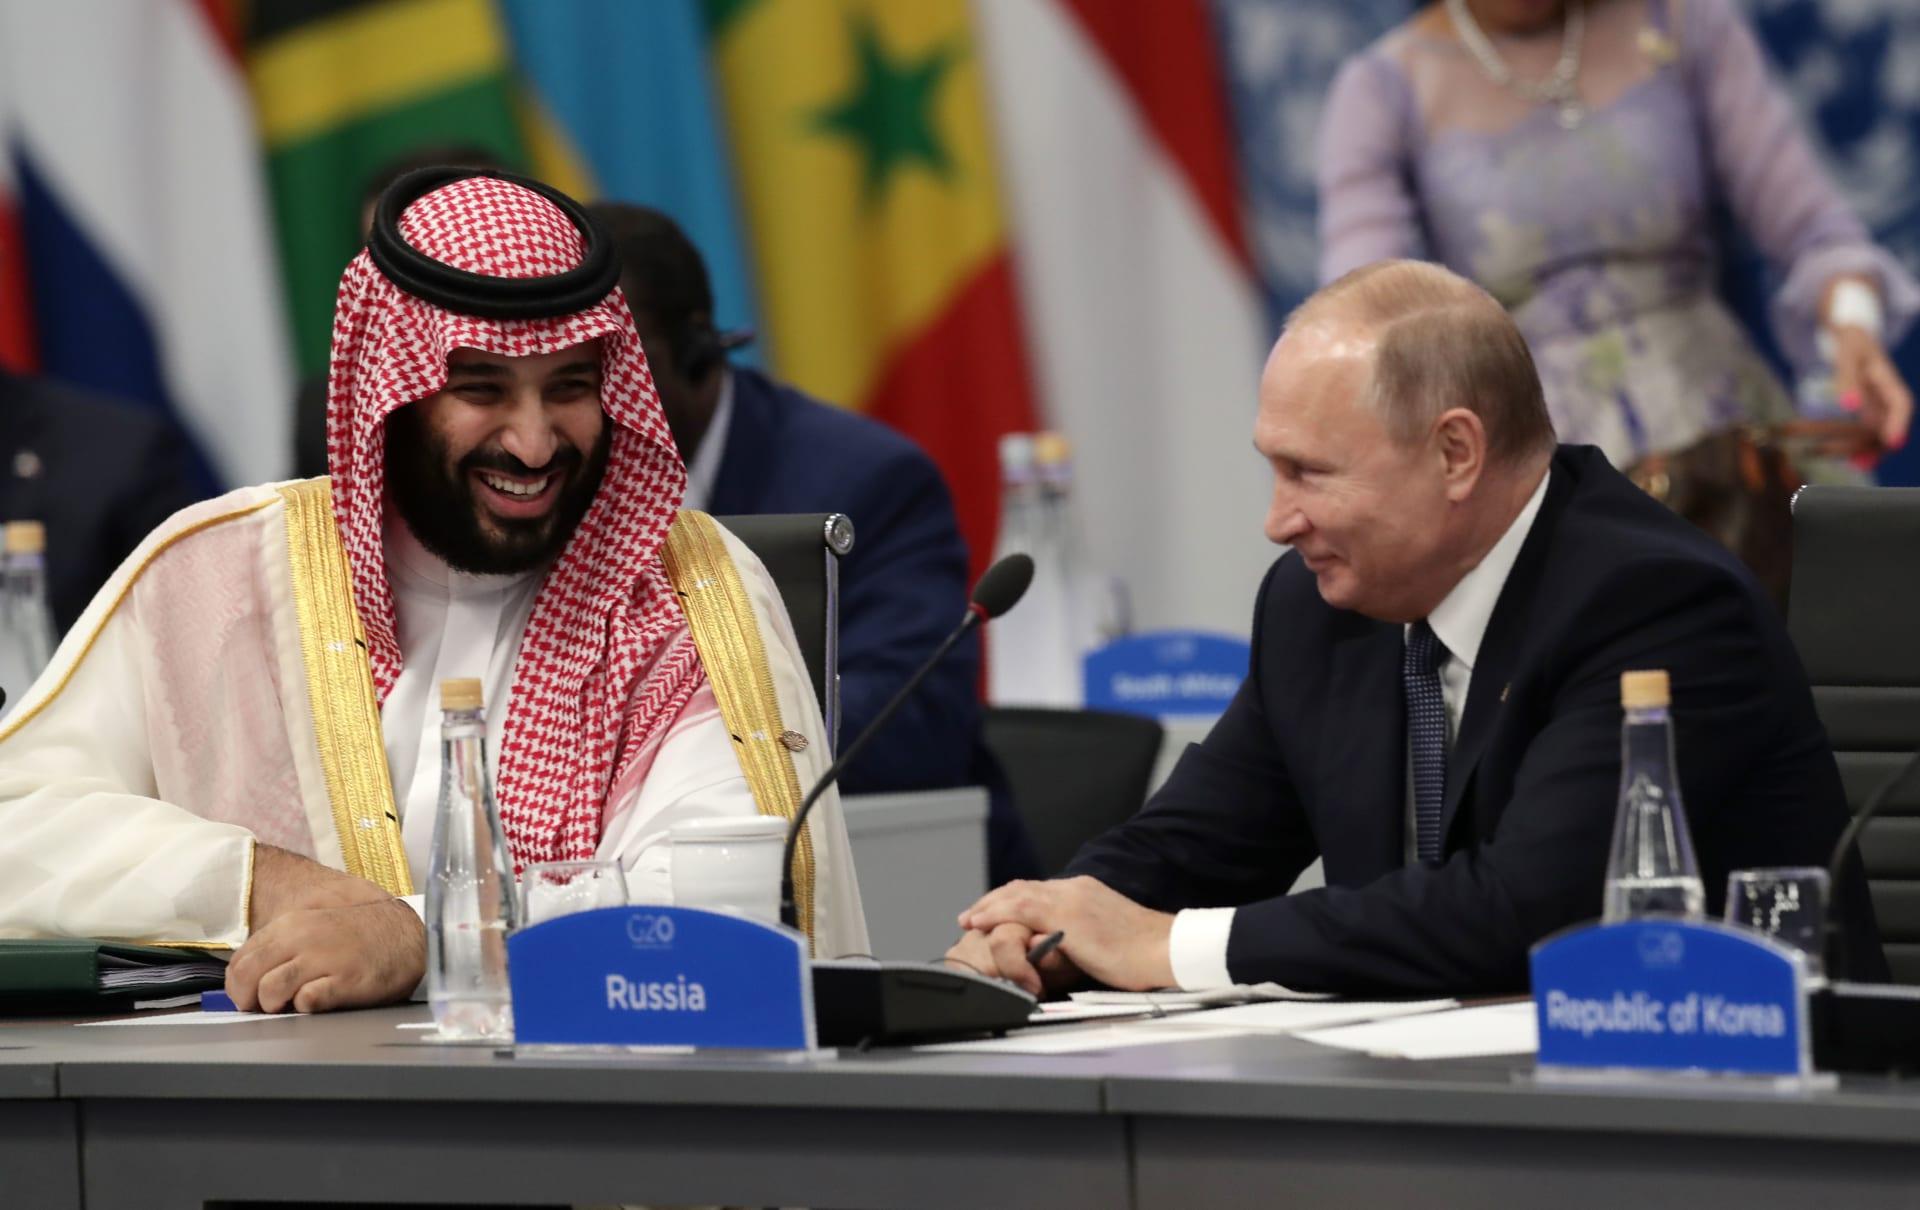 شراكة بين صندوق سيادي روسي وأرامكو السعودية